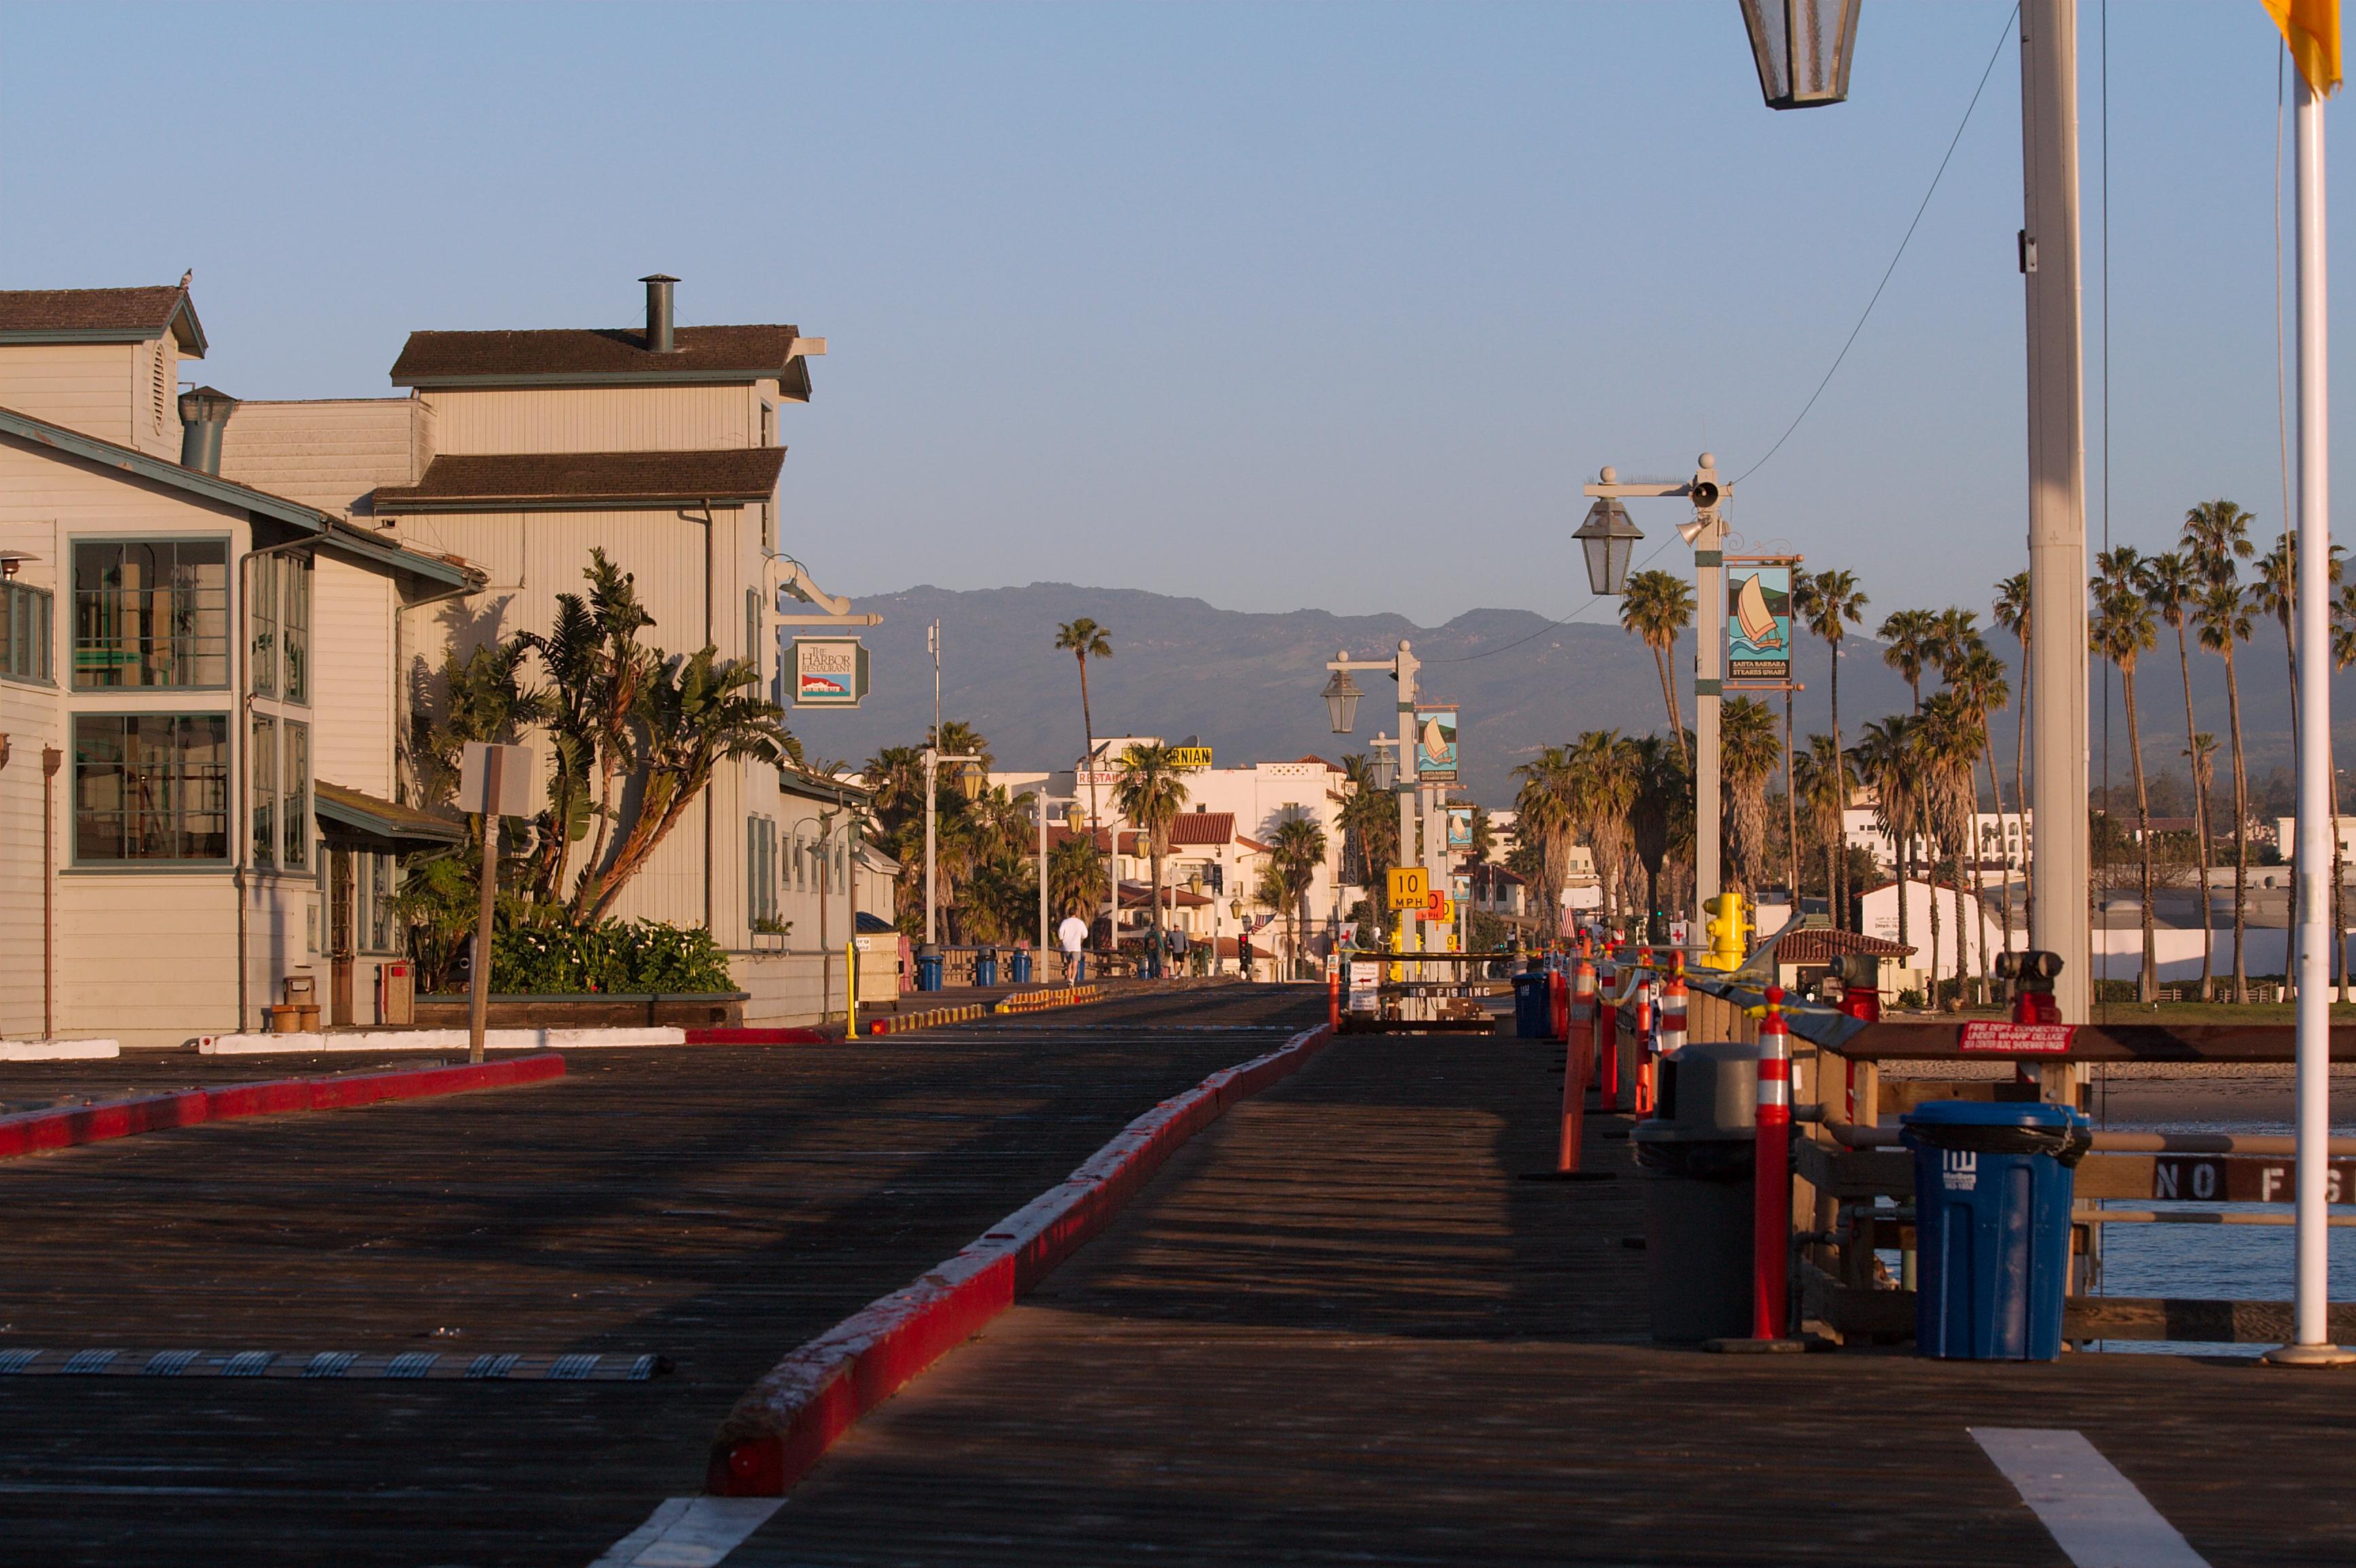 los Ángeles, Santa Bárbara, California